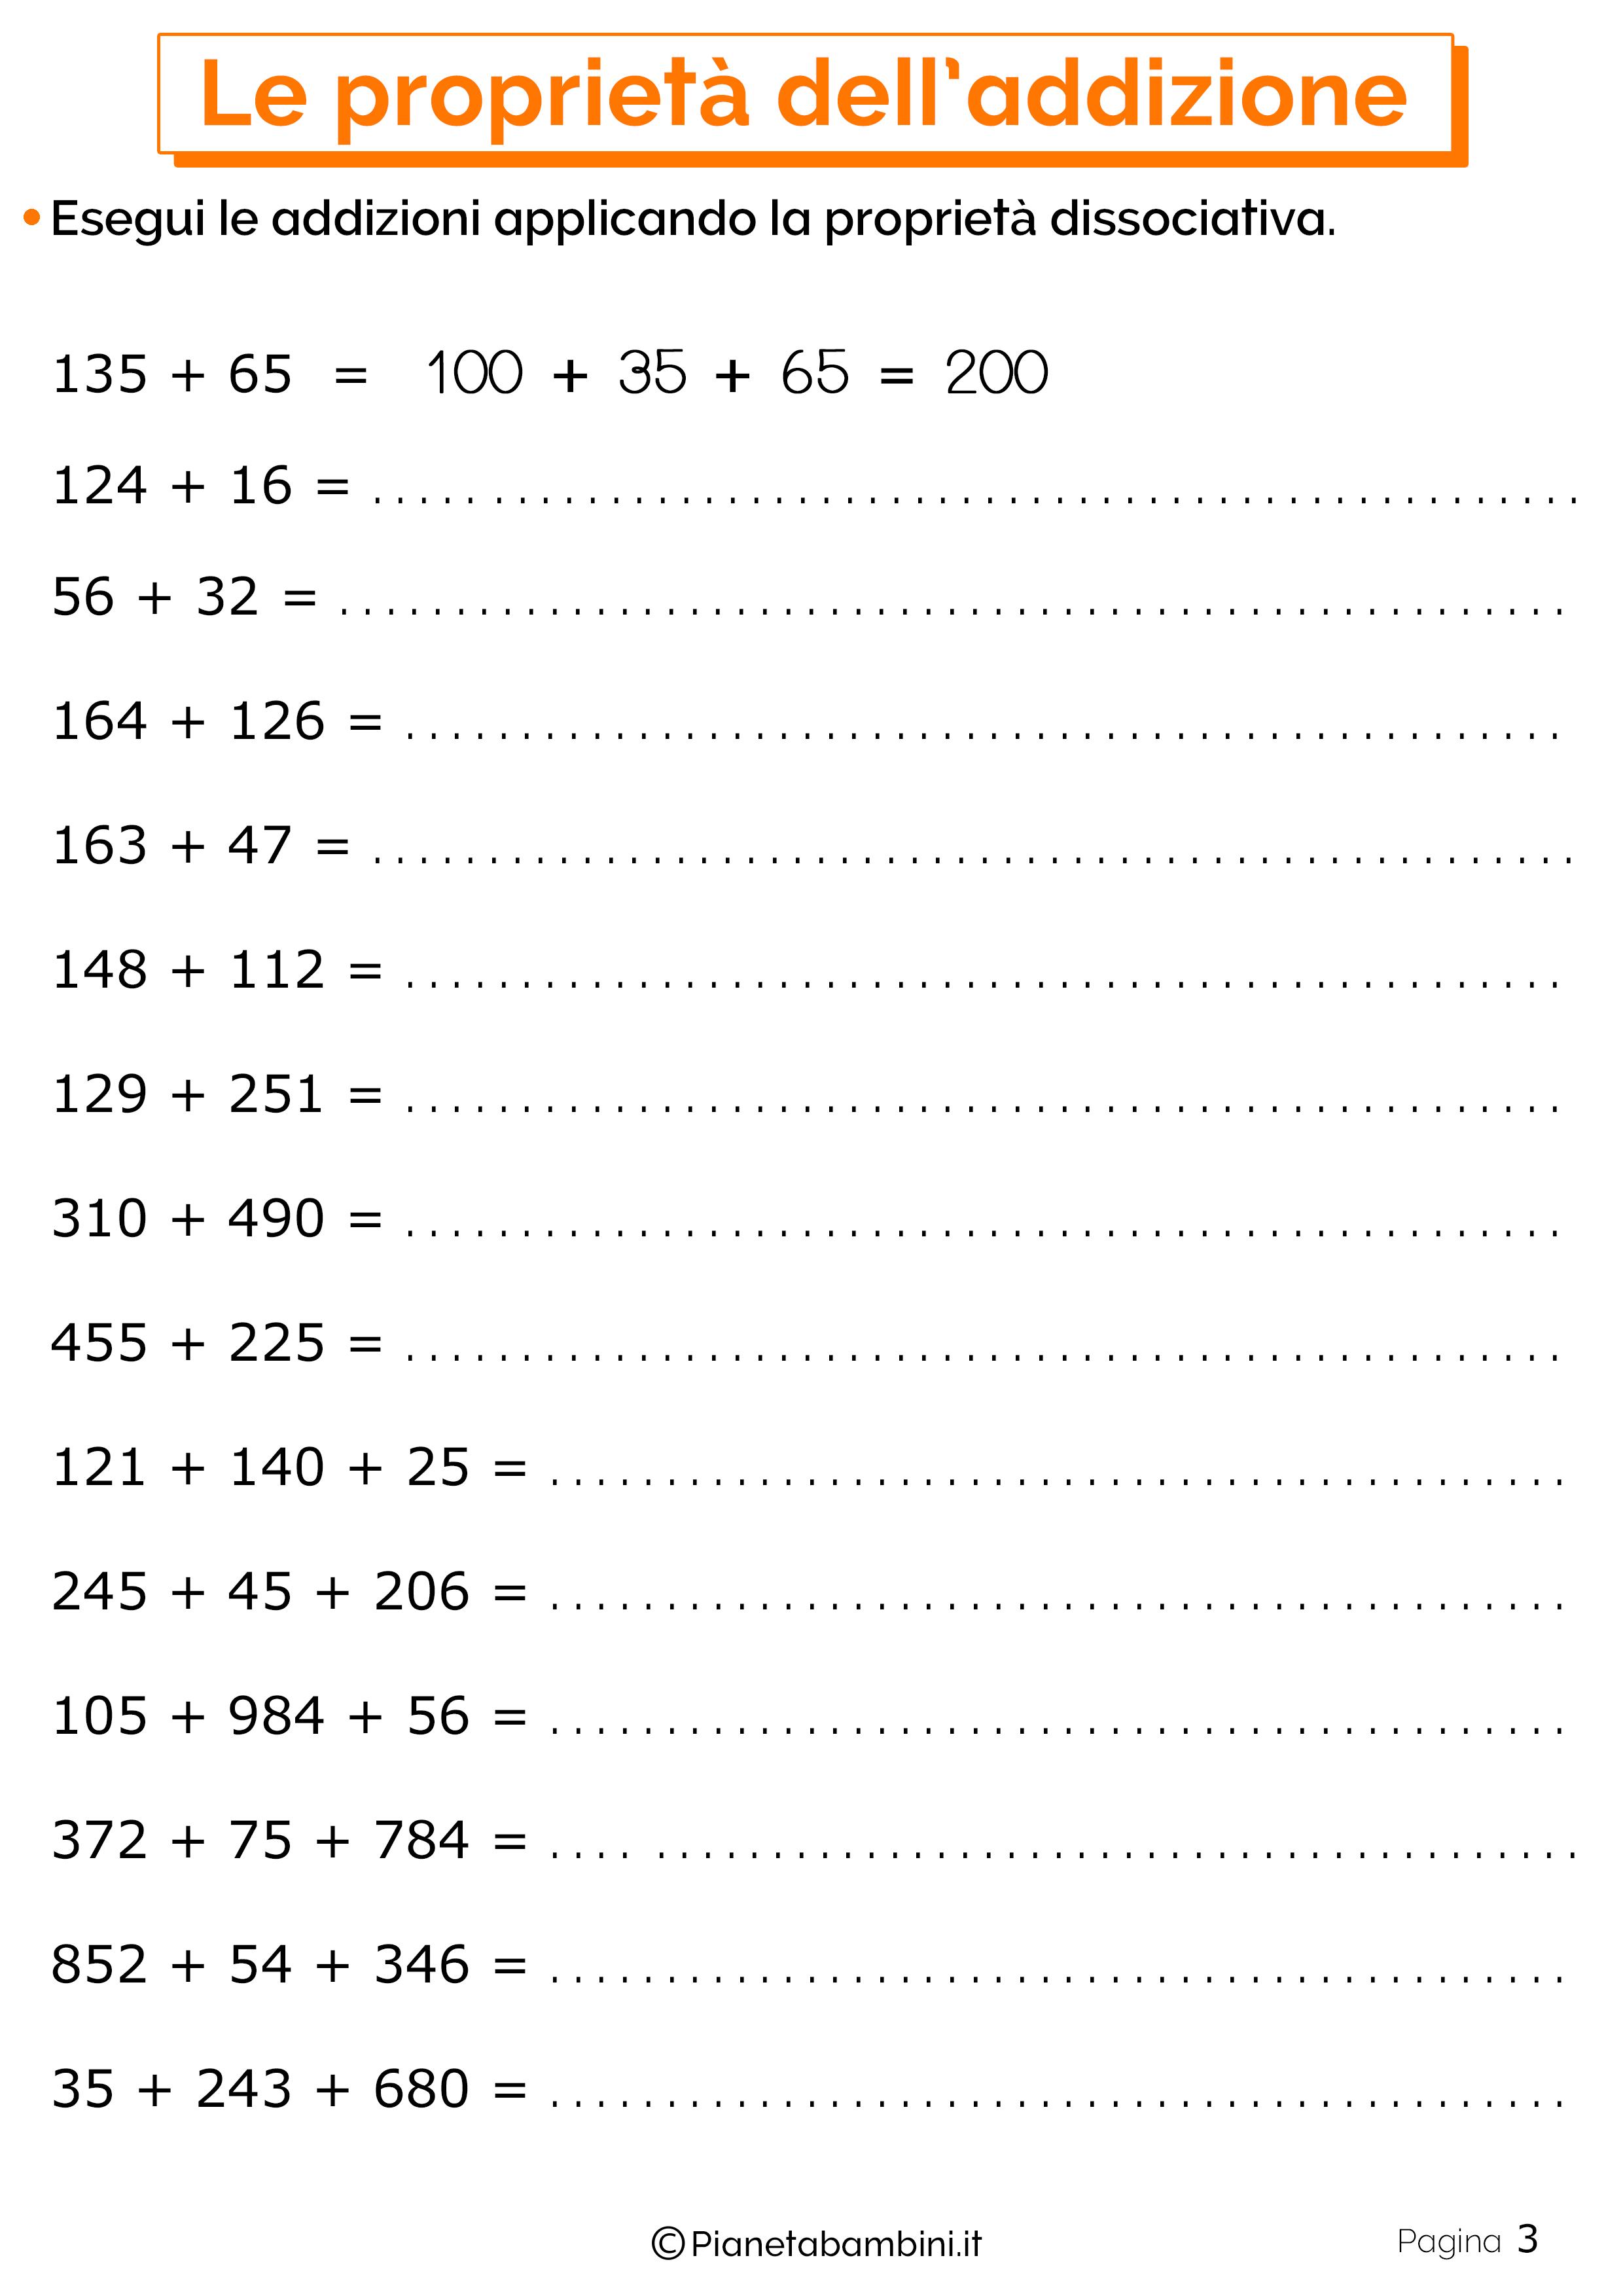 Schede didattiche sulle proprieta dell'addizione 3